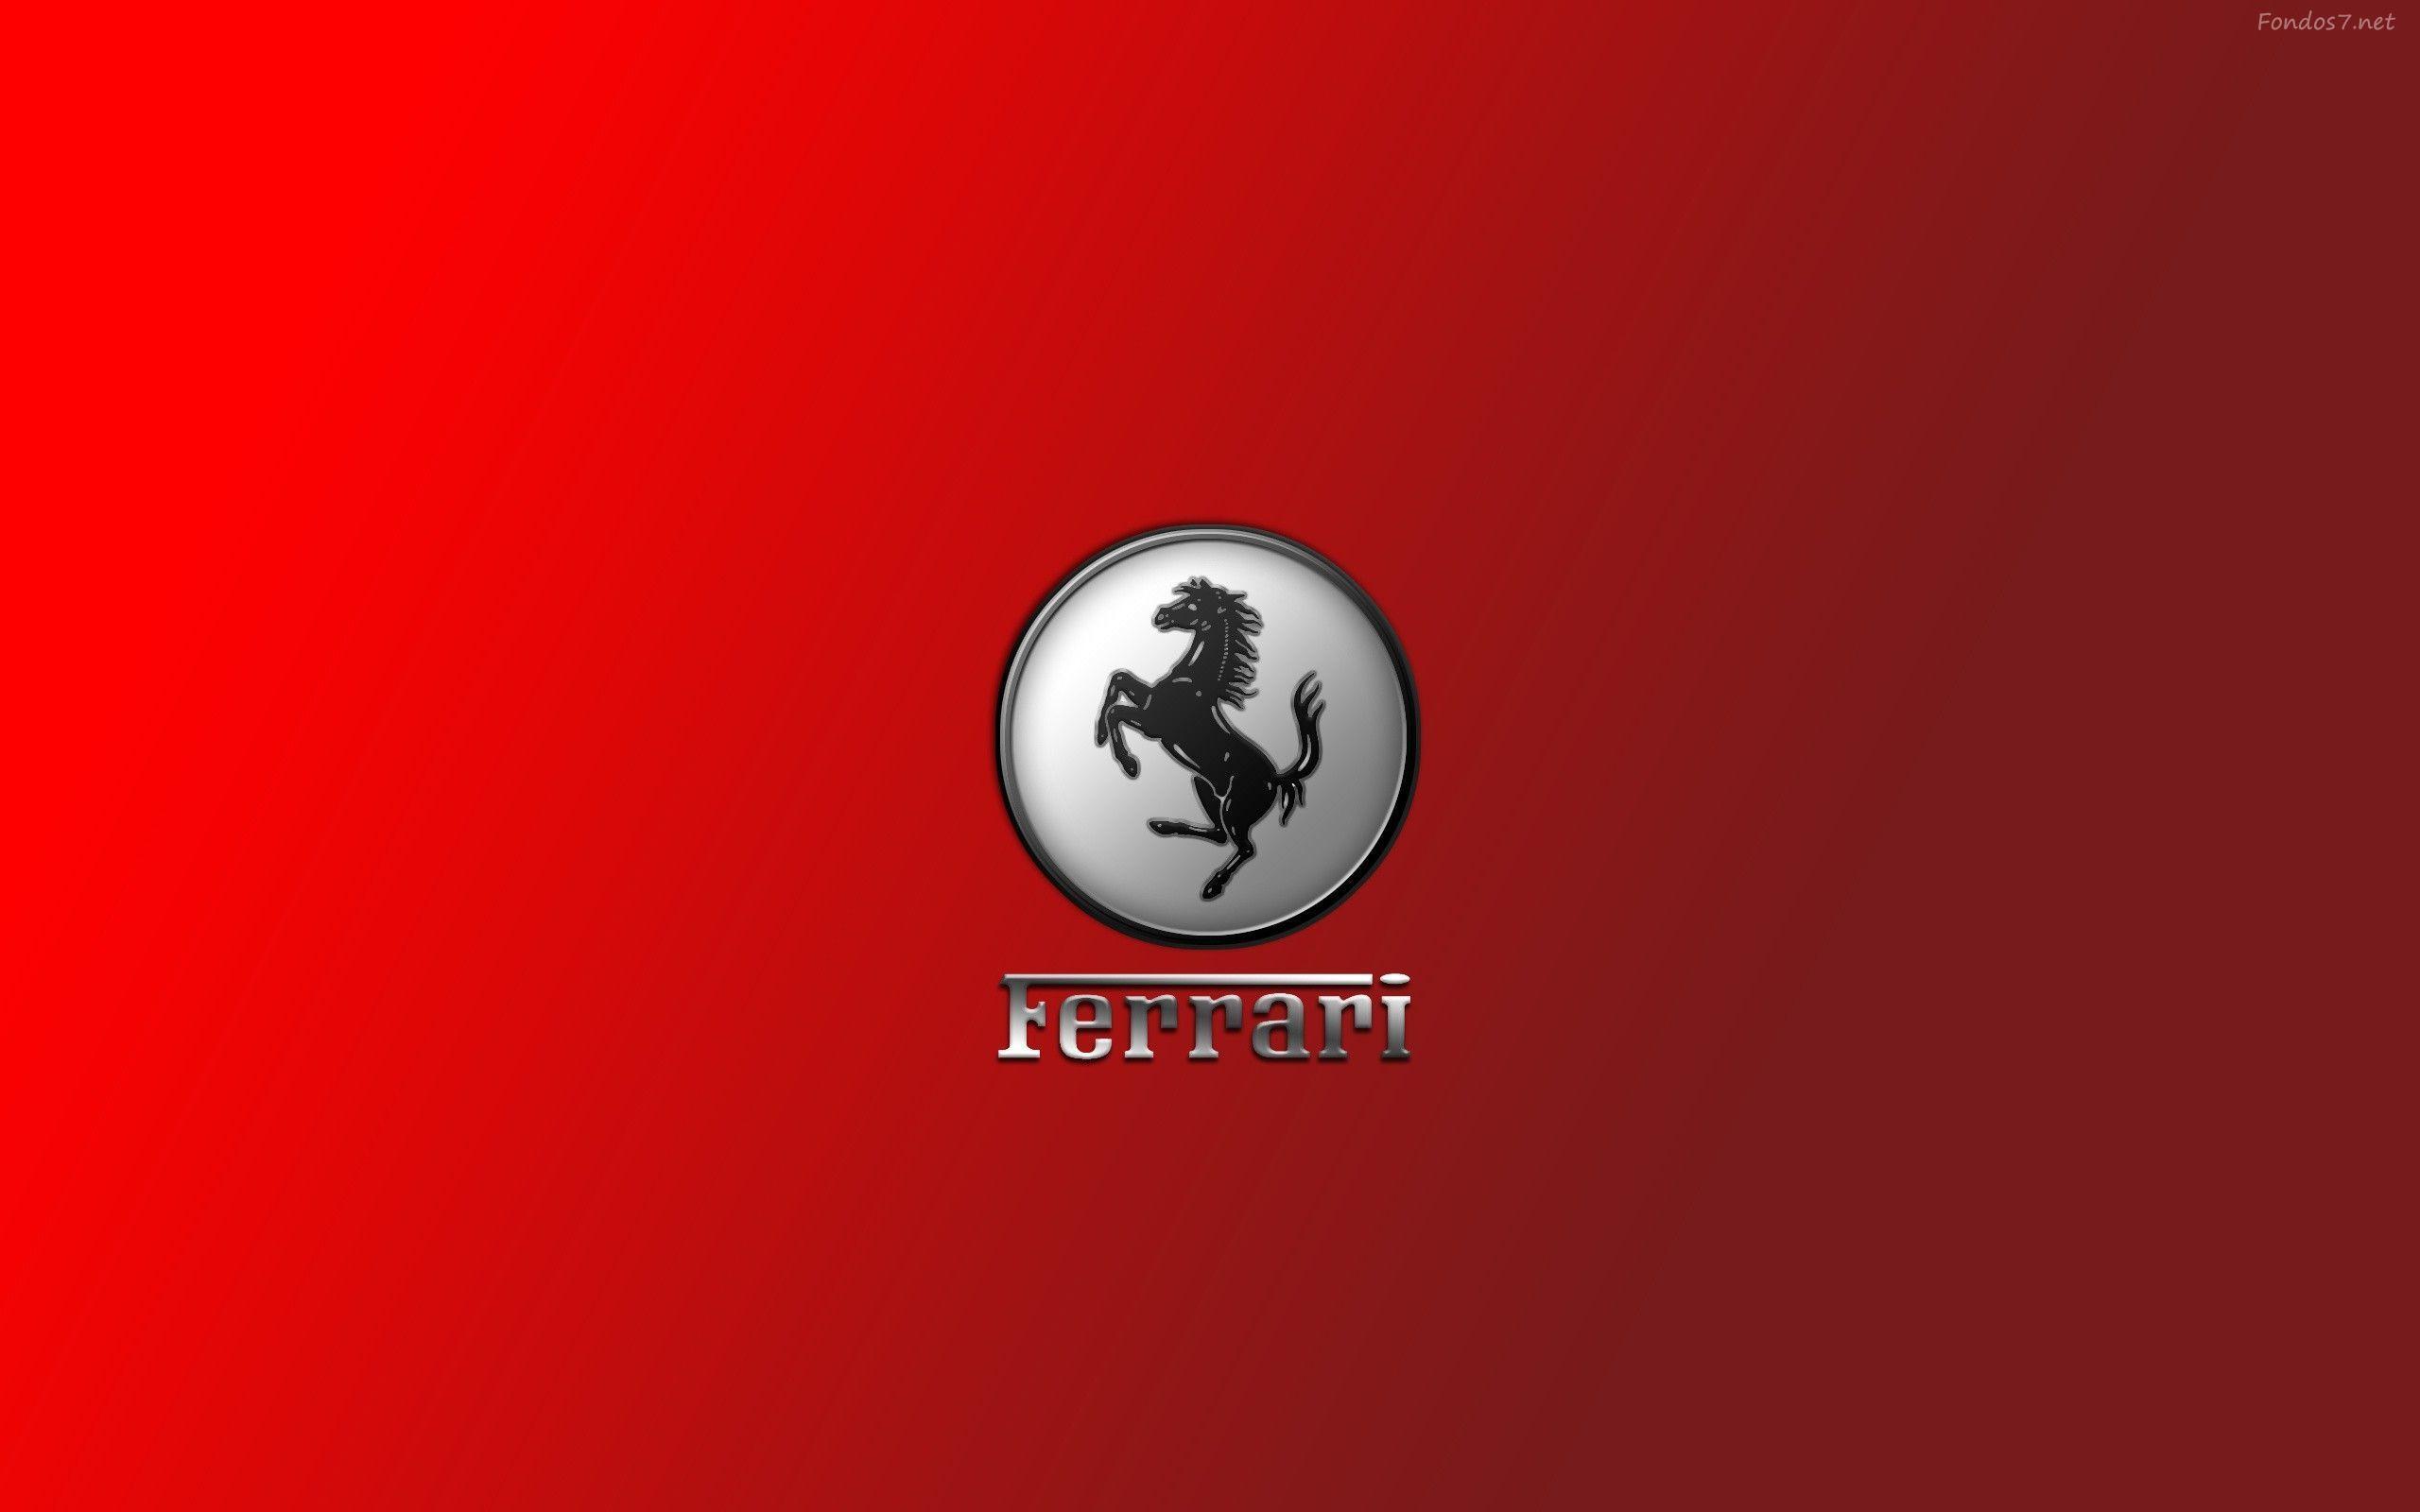 Ferrari Logo Wallpaper 35 Backgrounds | Wallruru.